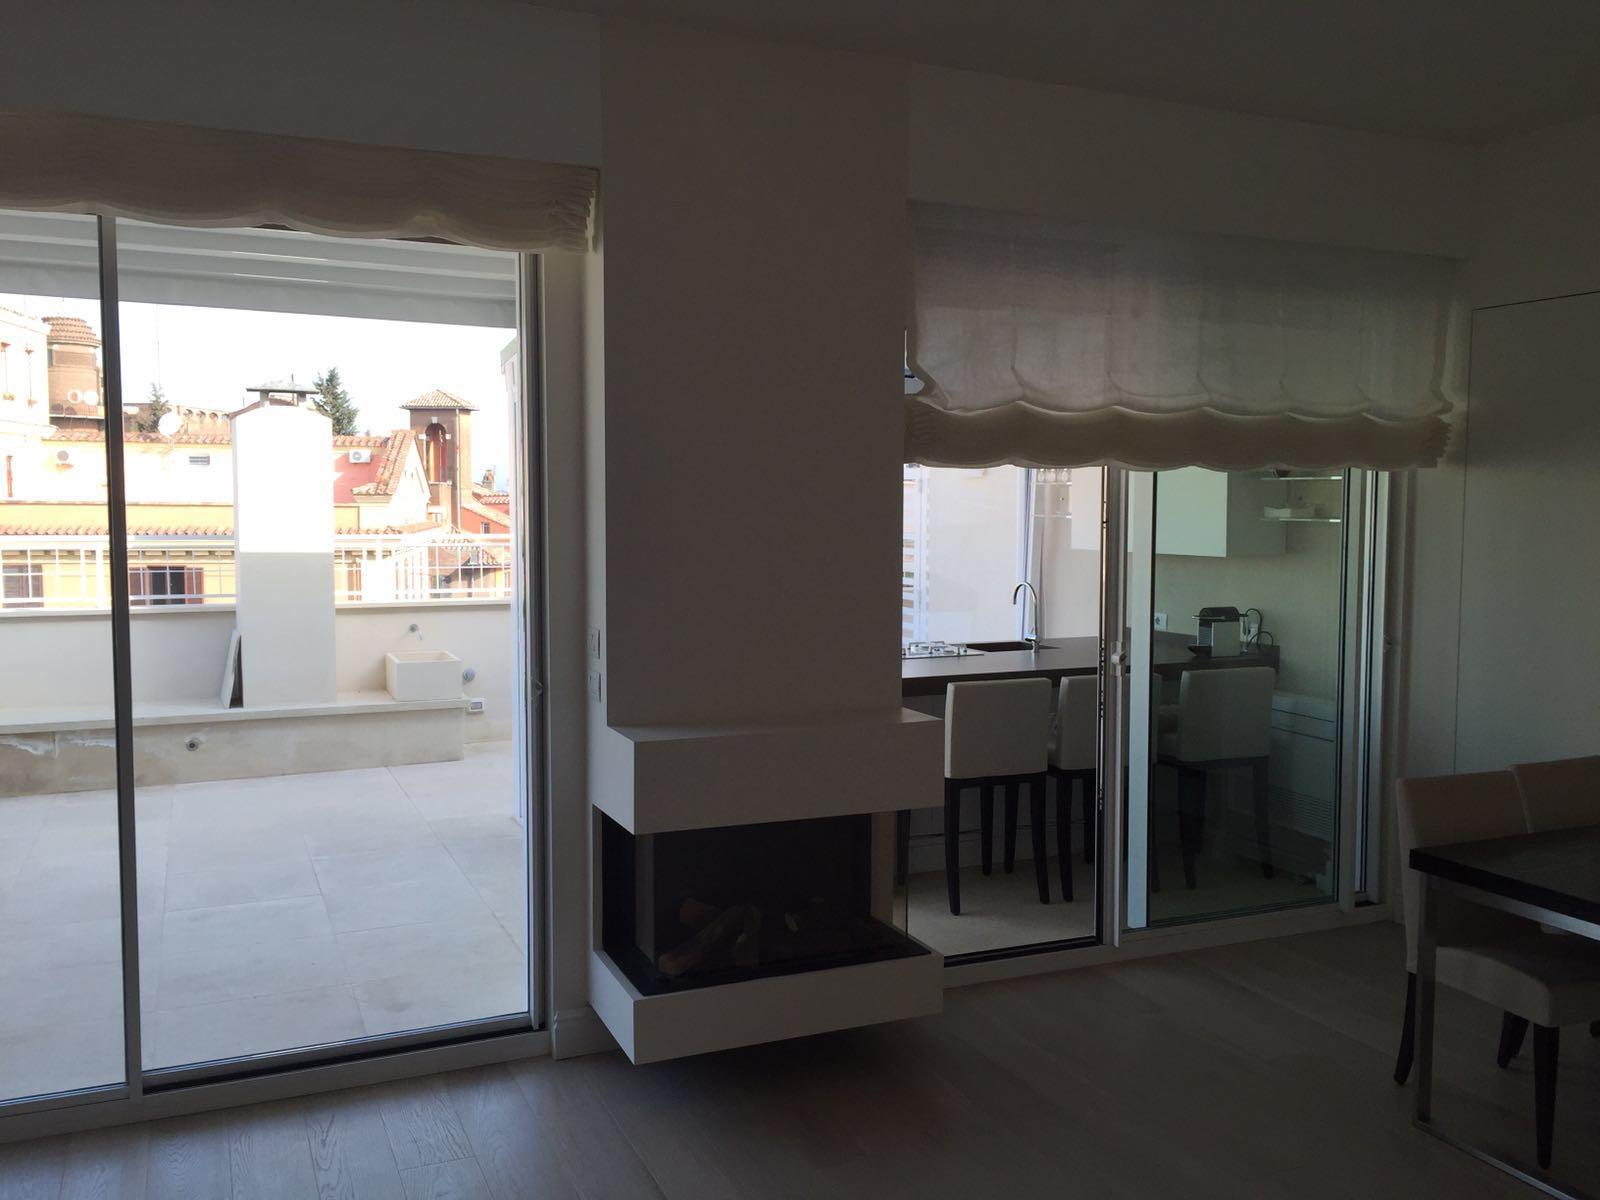 Installazioni produzione e vendita di infissi e finestre for Scuderi infissi